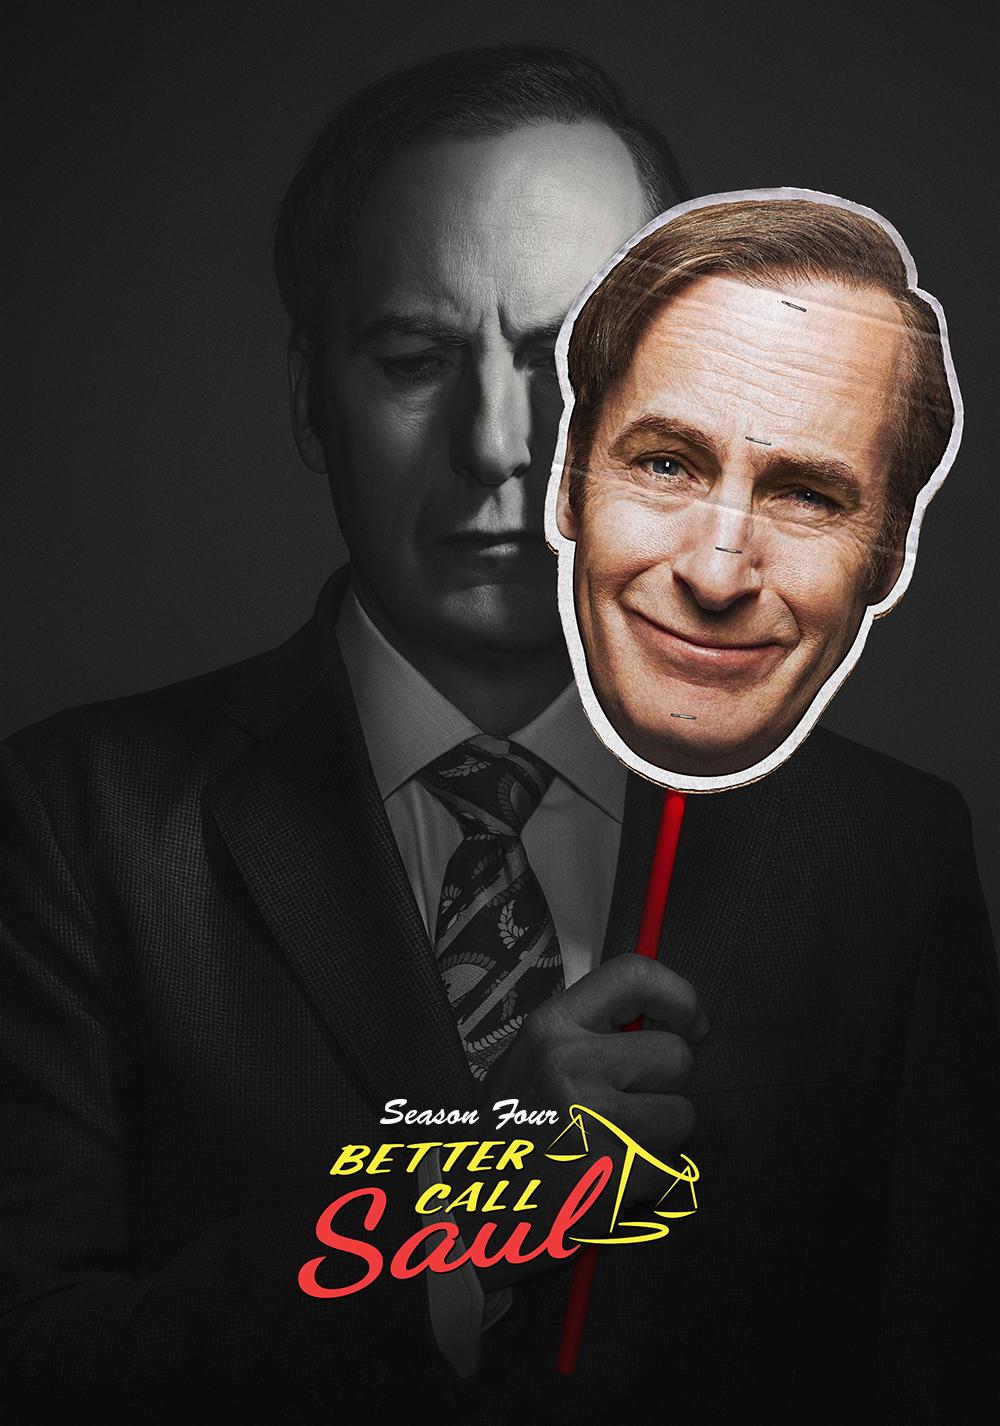 Better Call Saul Online